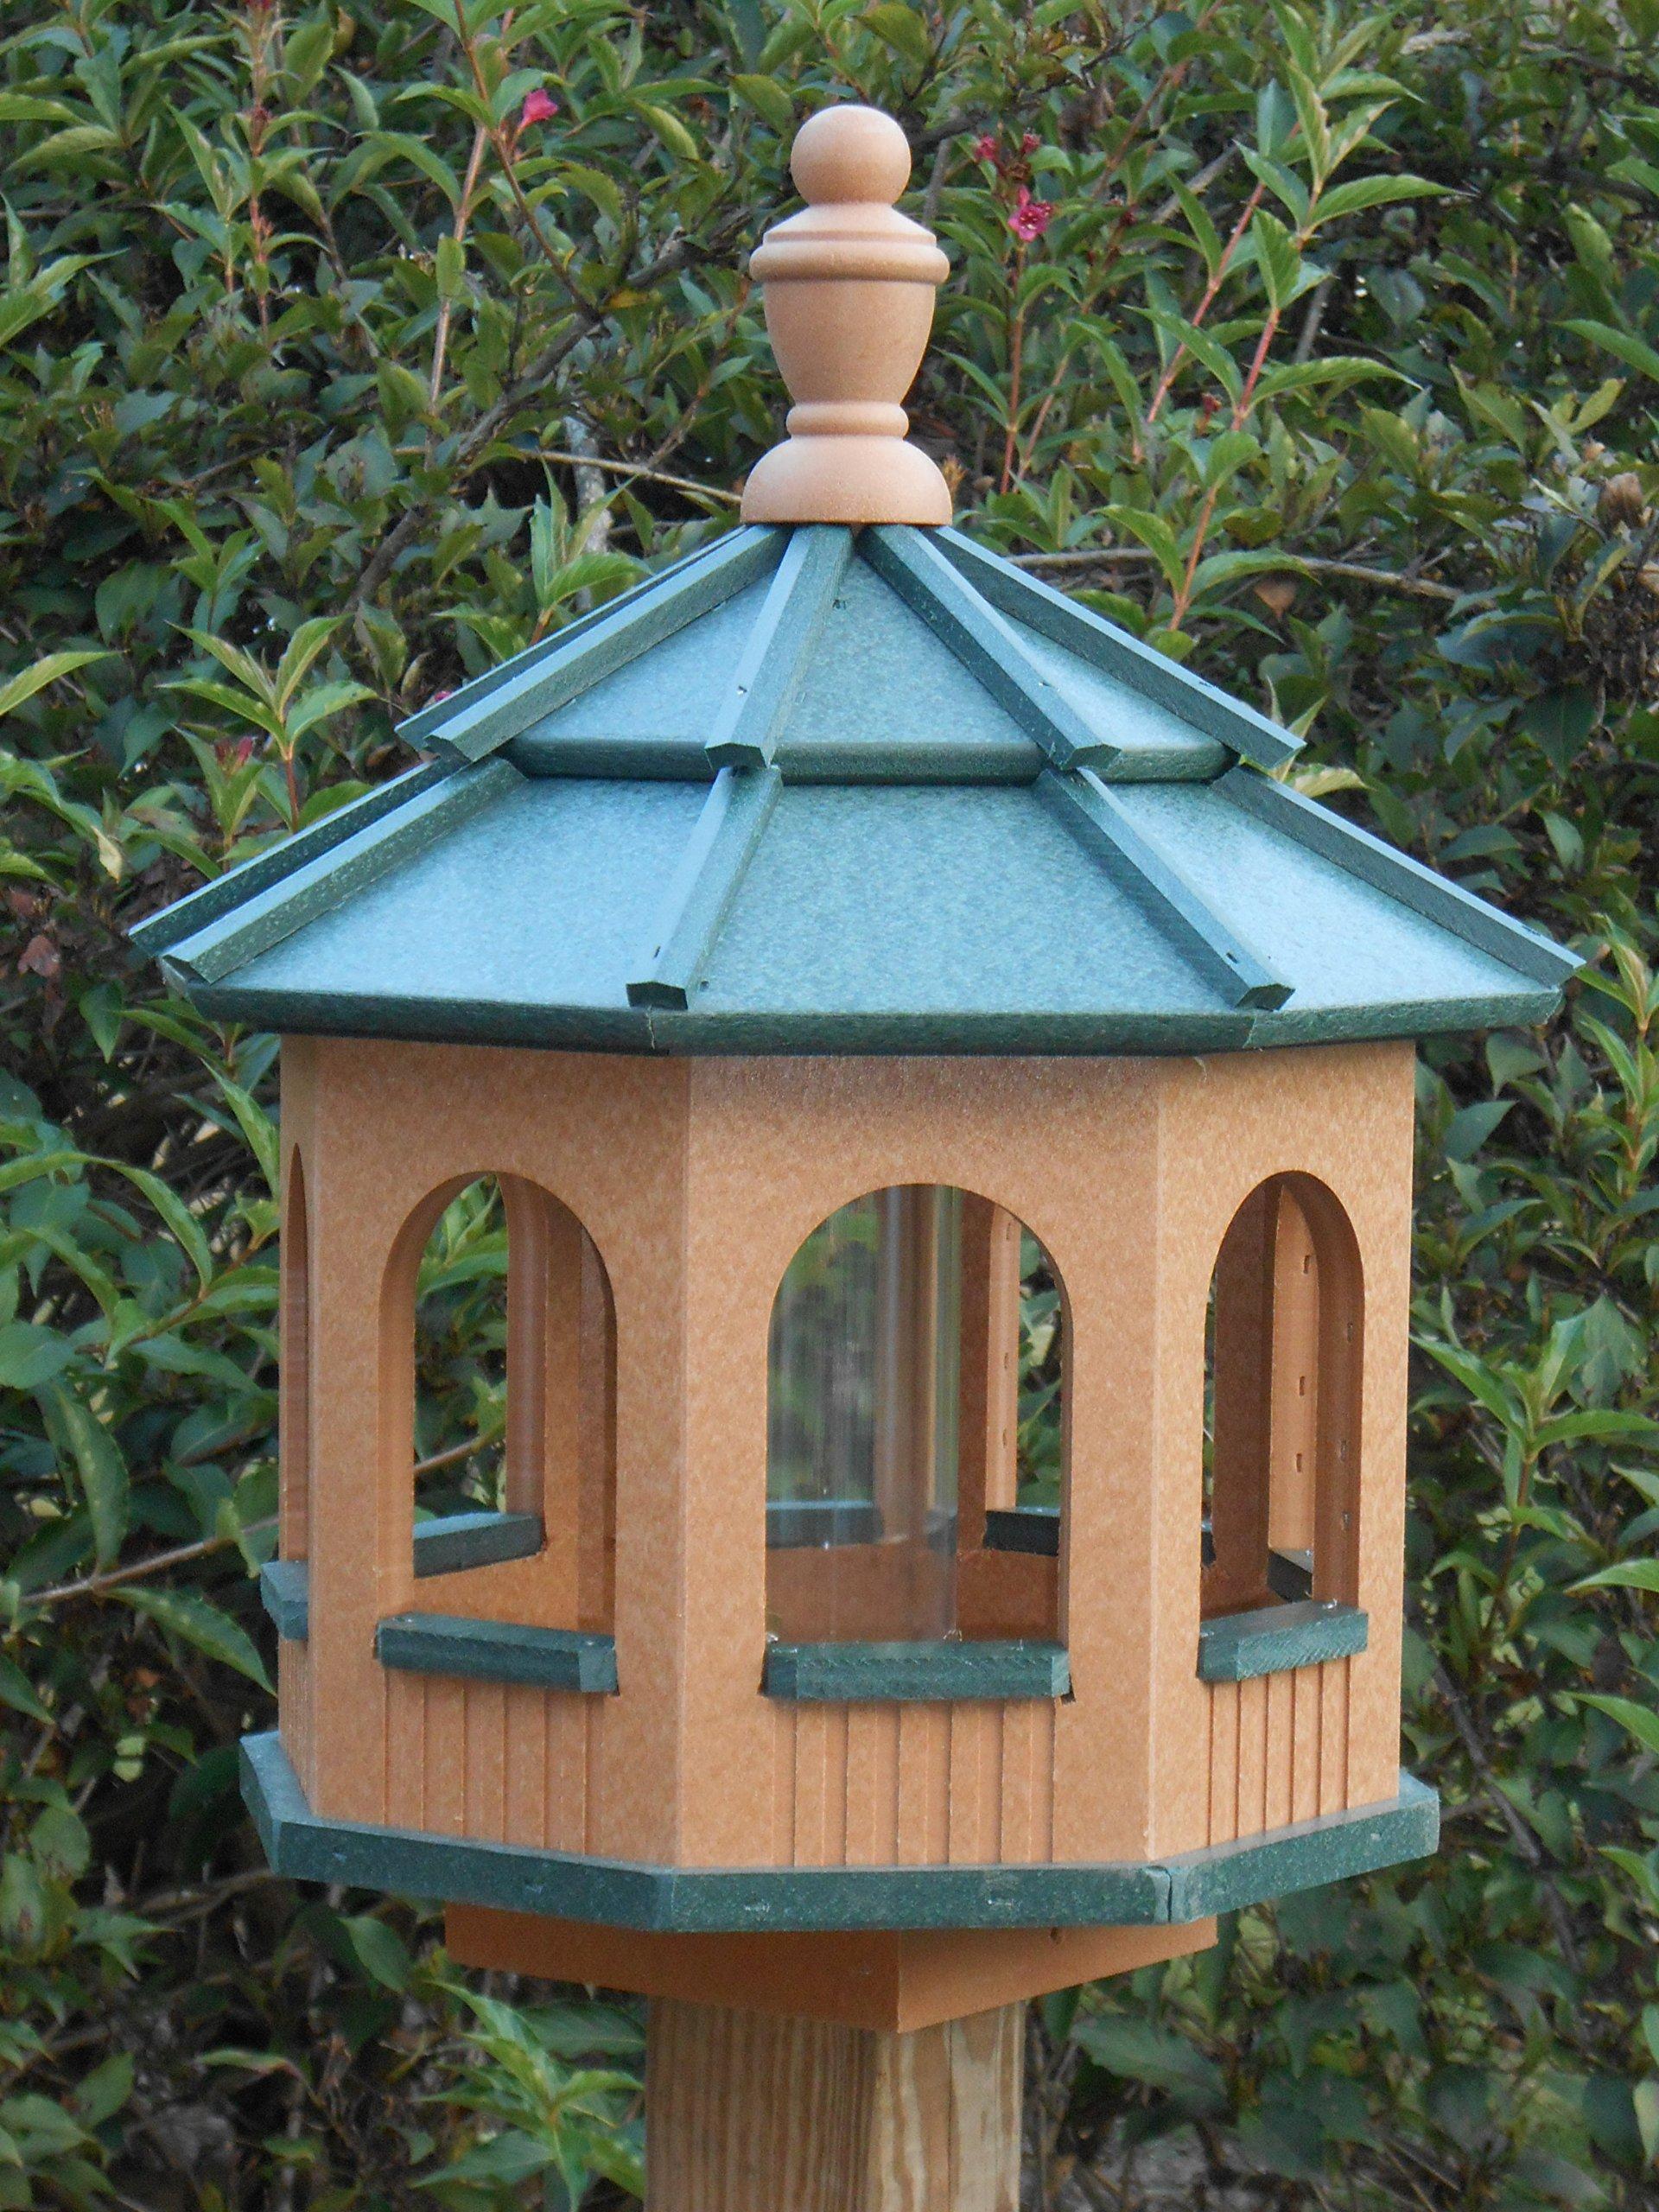 Vinyl Gazebo Bird Feeder Amish Homemade Handmade Handcrafted Cedar & Green med